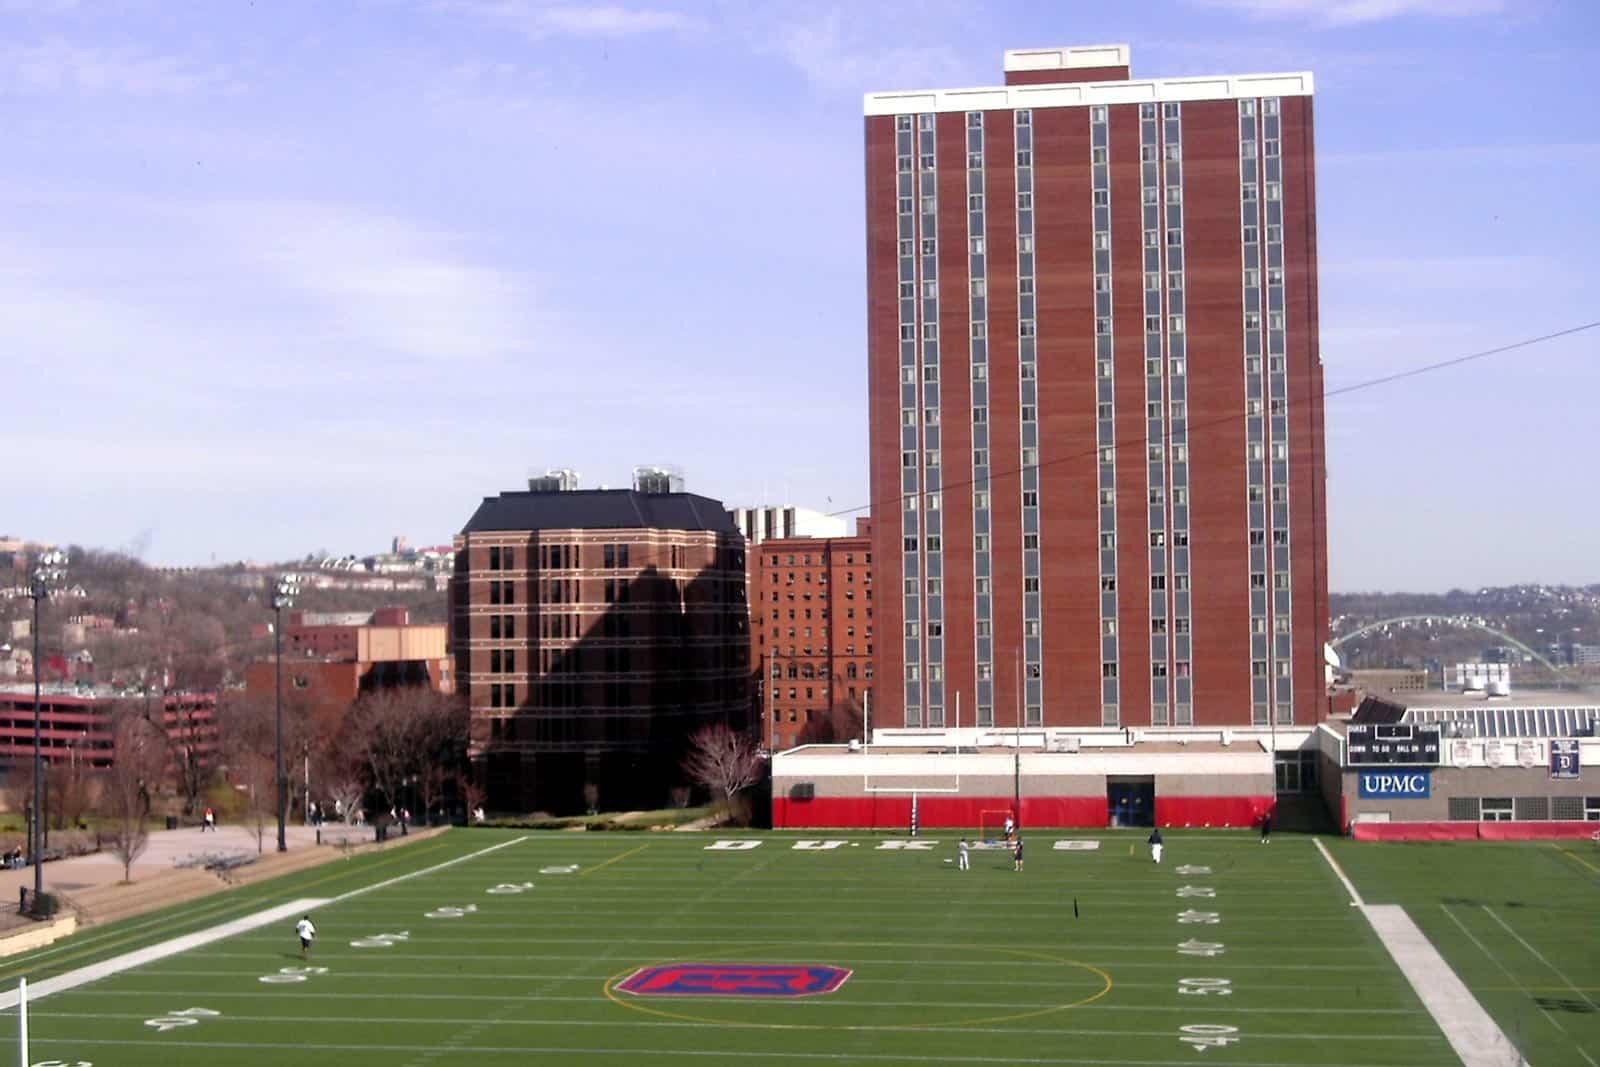 Rooney Field